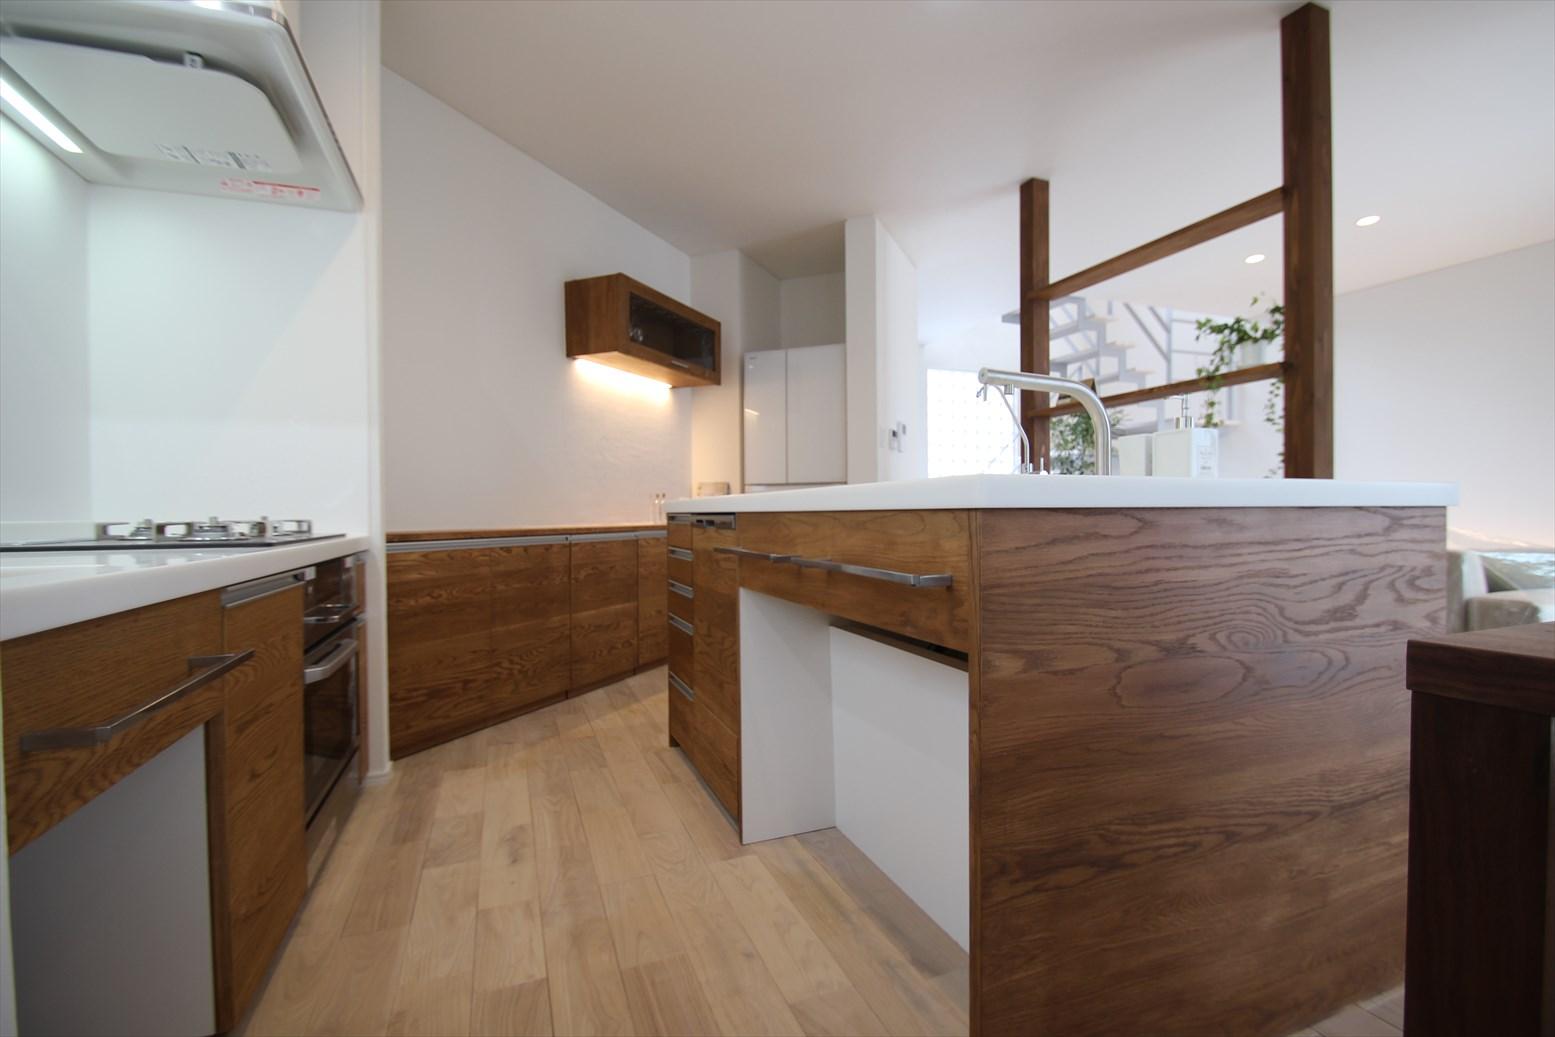 眺望を楽しむリゾートスタイルの家|石川県金沢市の注文住宅・デザイン性・新築の家・戸建て|E-HOUSE